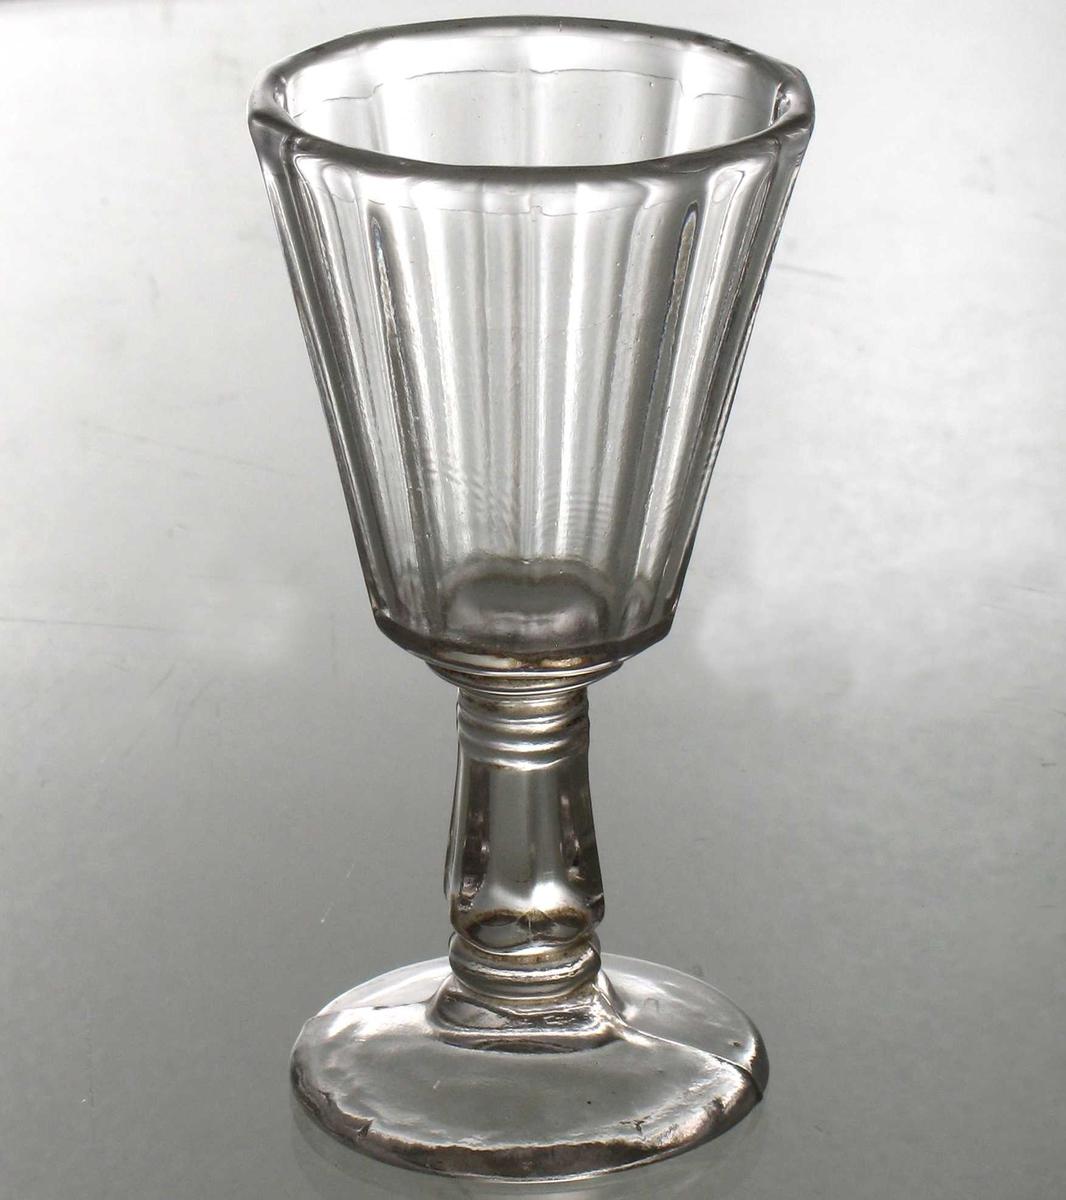 Hetvinsglass. Pressglass. Rund glatt fot med støperand tvers over.  Kantet stett med en ring nede og tre oppe.  Kantet beger med skrå, rette sider.